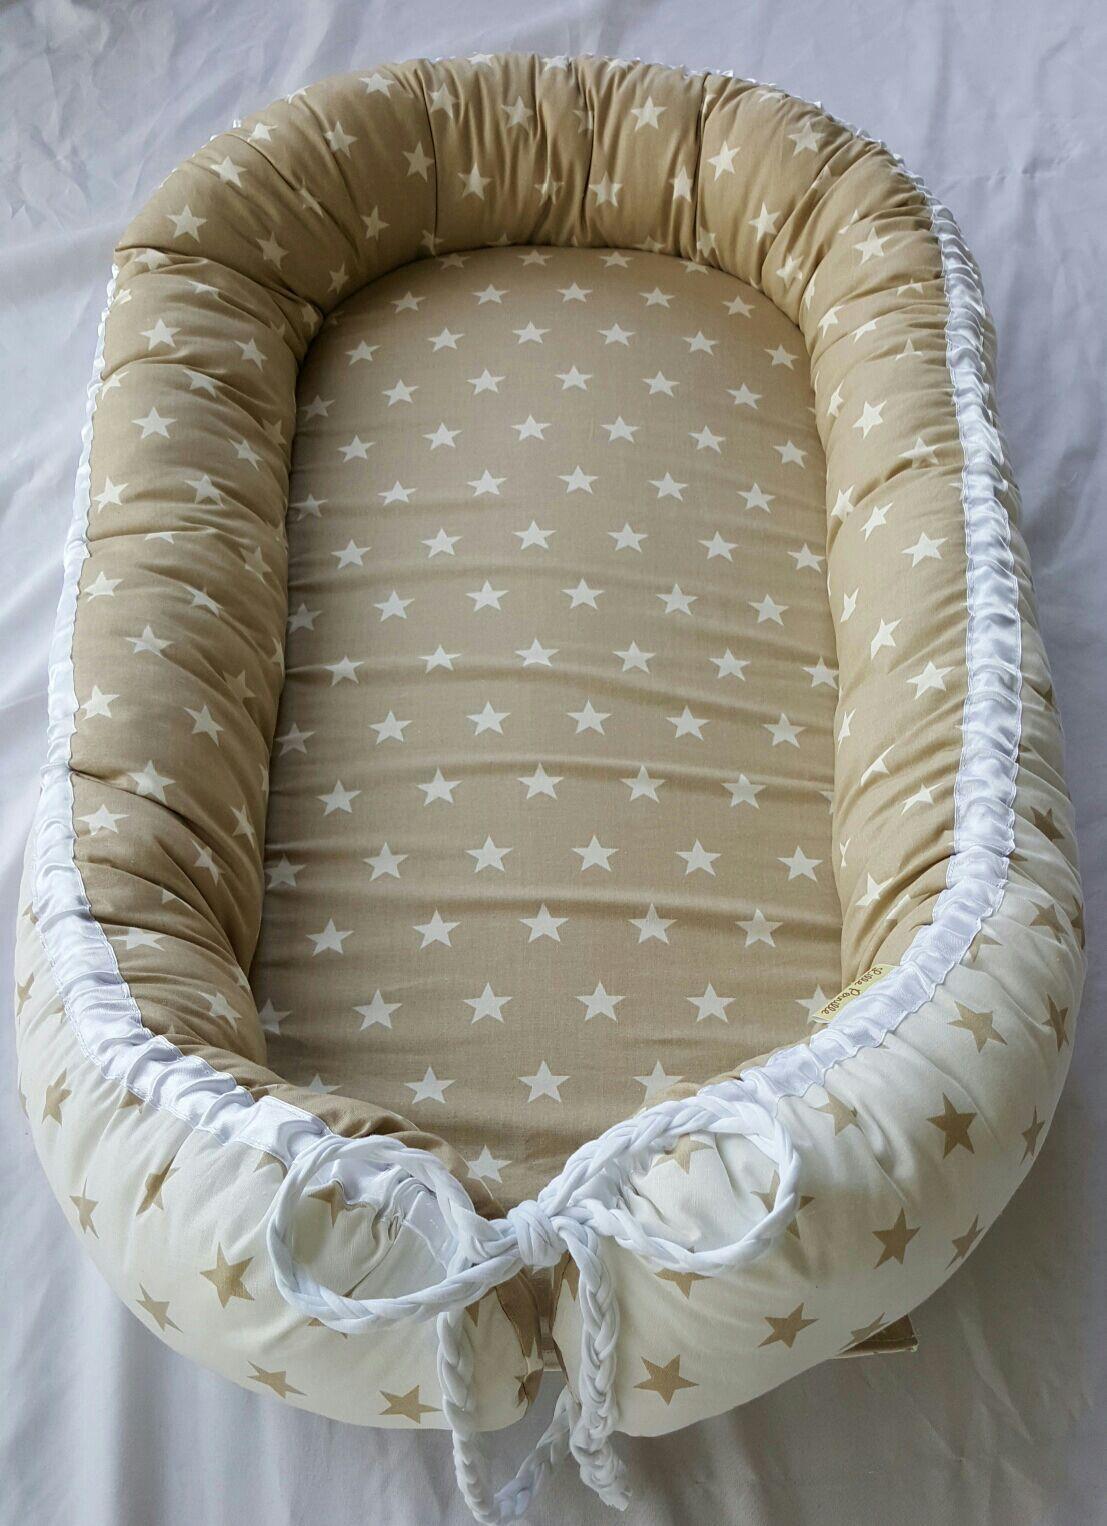 babynest nest nestchen pregnant baby nest nestchen kinderwagen liebe kuscheln. Black Bedroom Furniture Sets. Home Design Ideas